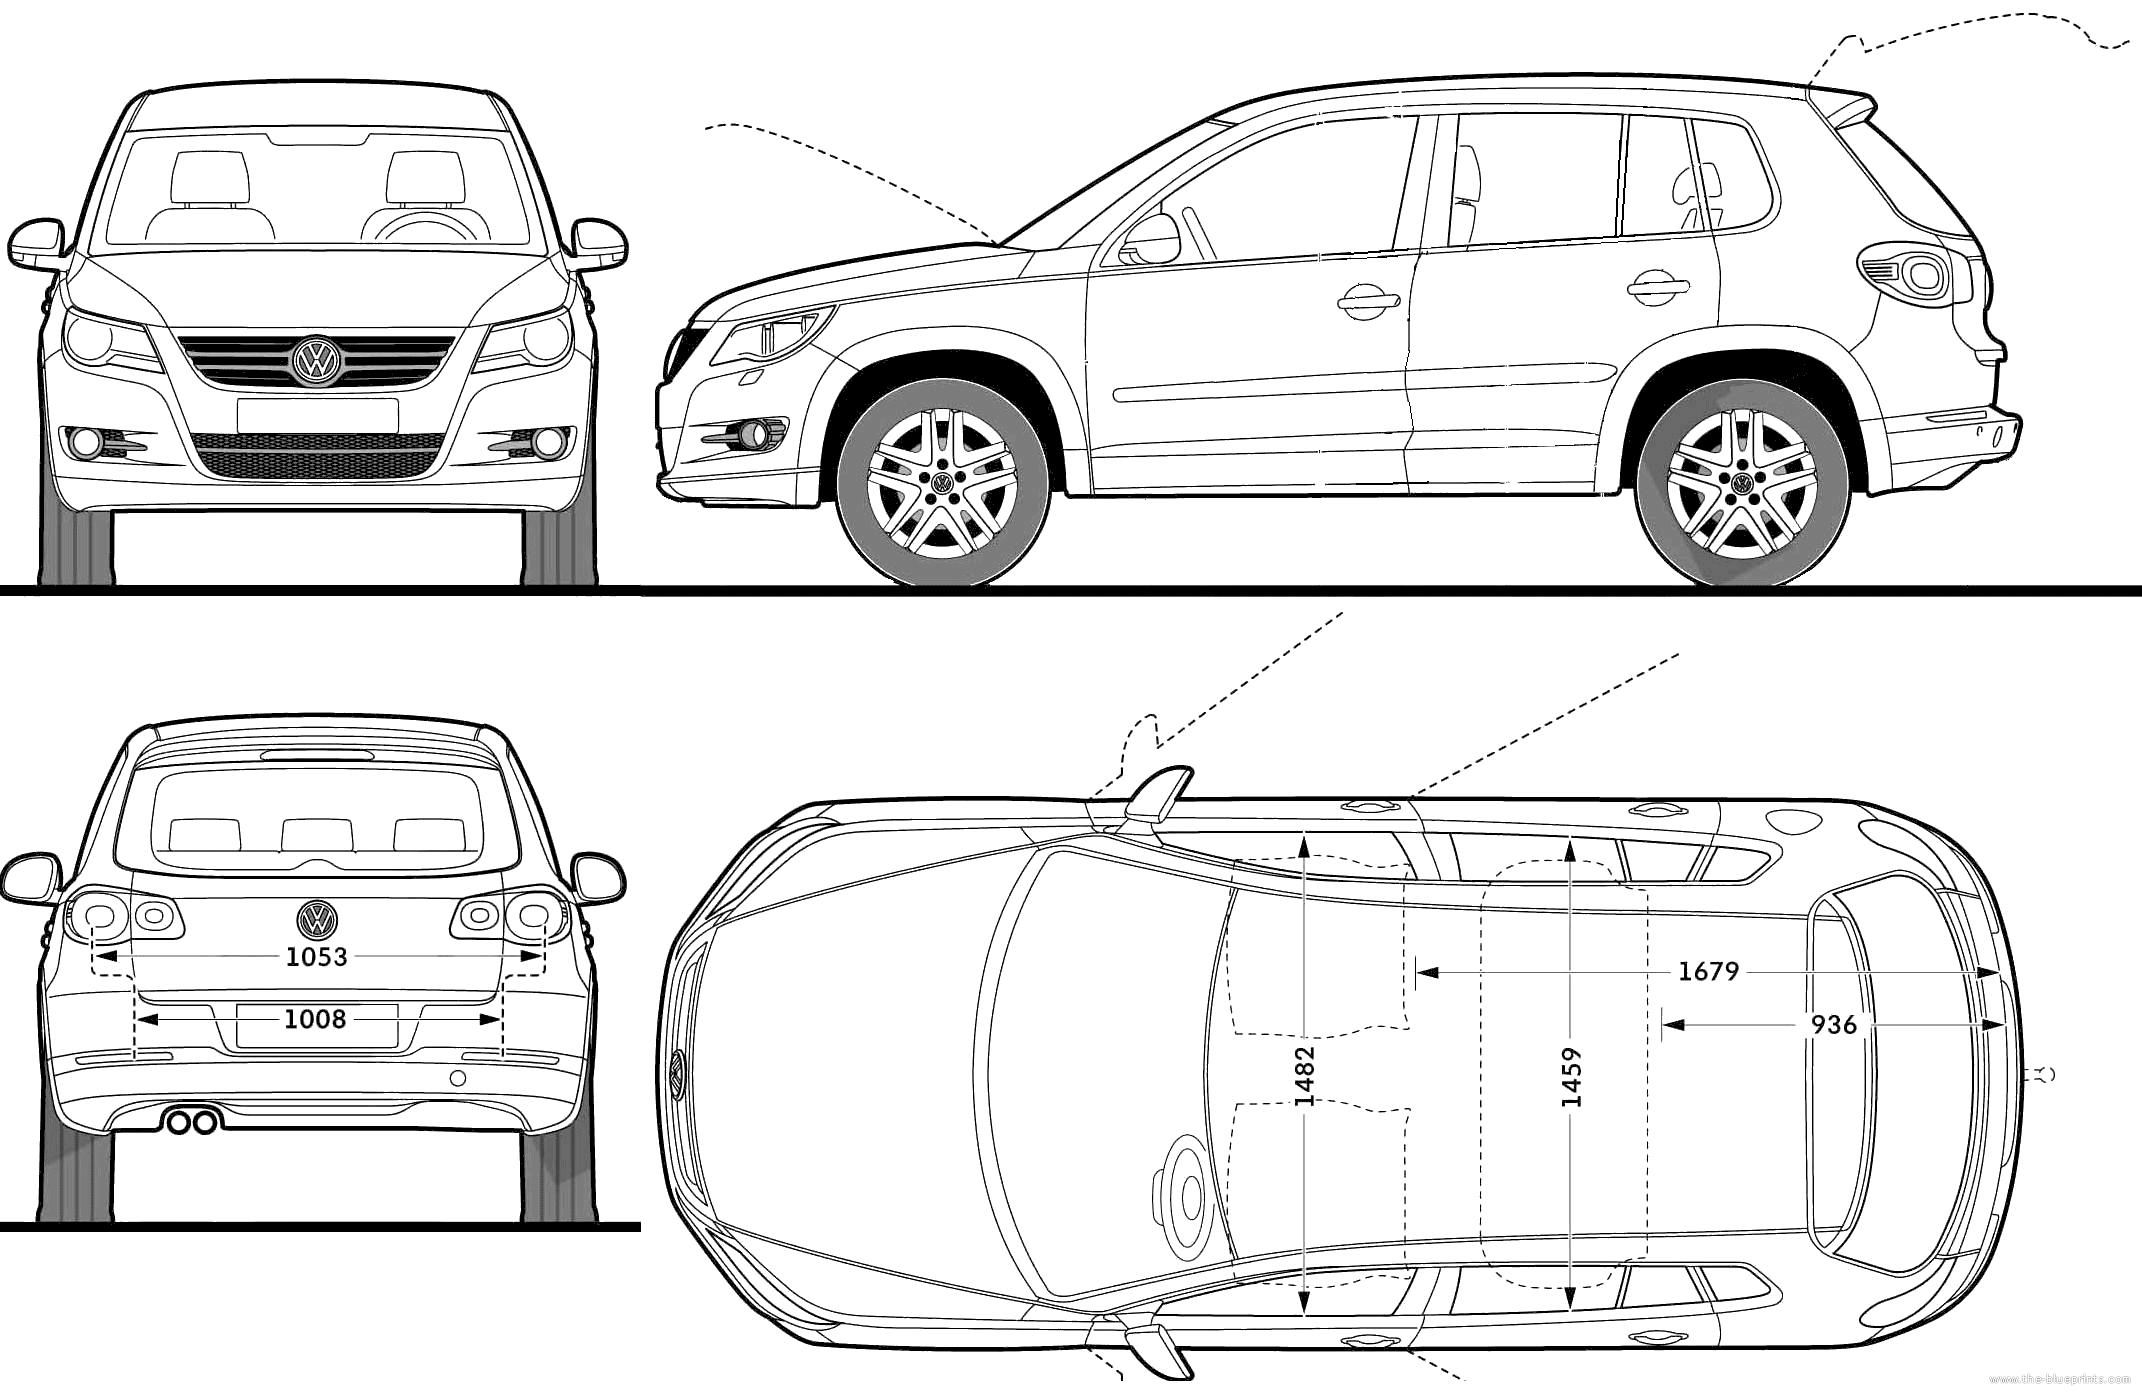 Blueprints > Cars > Volkswagen > Volkswagen Tiguan Trend